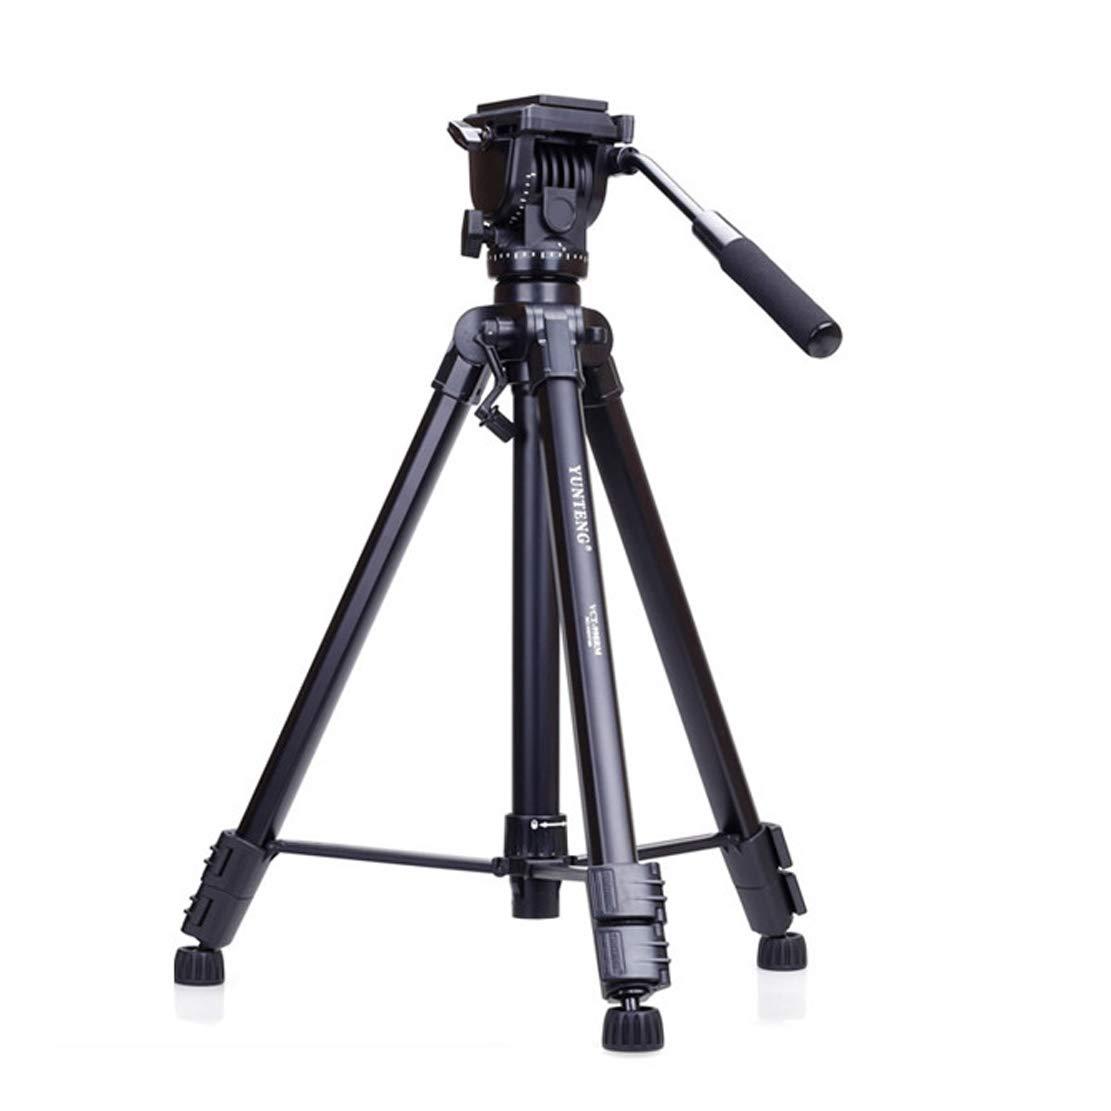 新しい季節 カメラ三脚 カメラ三脚 一脚可変式3ウェイ雲台コンパクトビデオ デジカメ対応 デジカメ対応 B07QRFR4JV B07QRFR4JV, ヒロノマチ:2ab41660 --- martinemoeykens.com